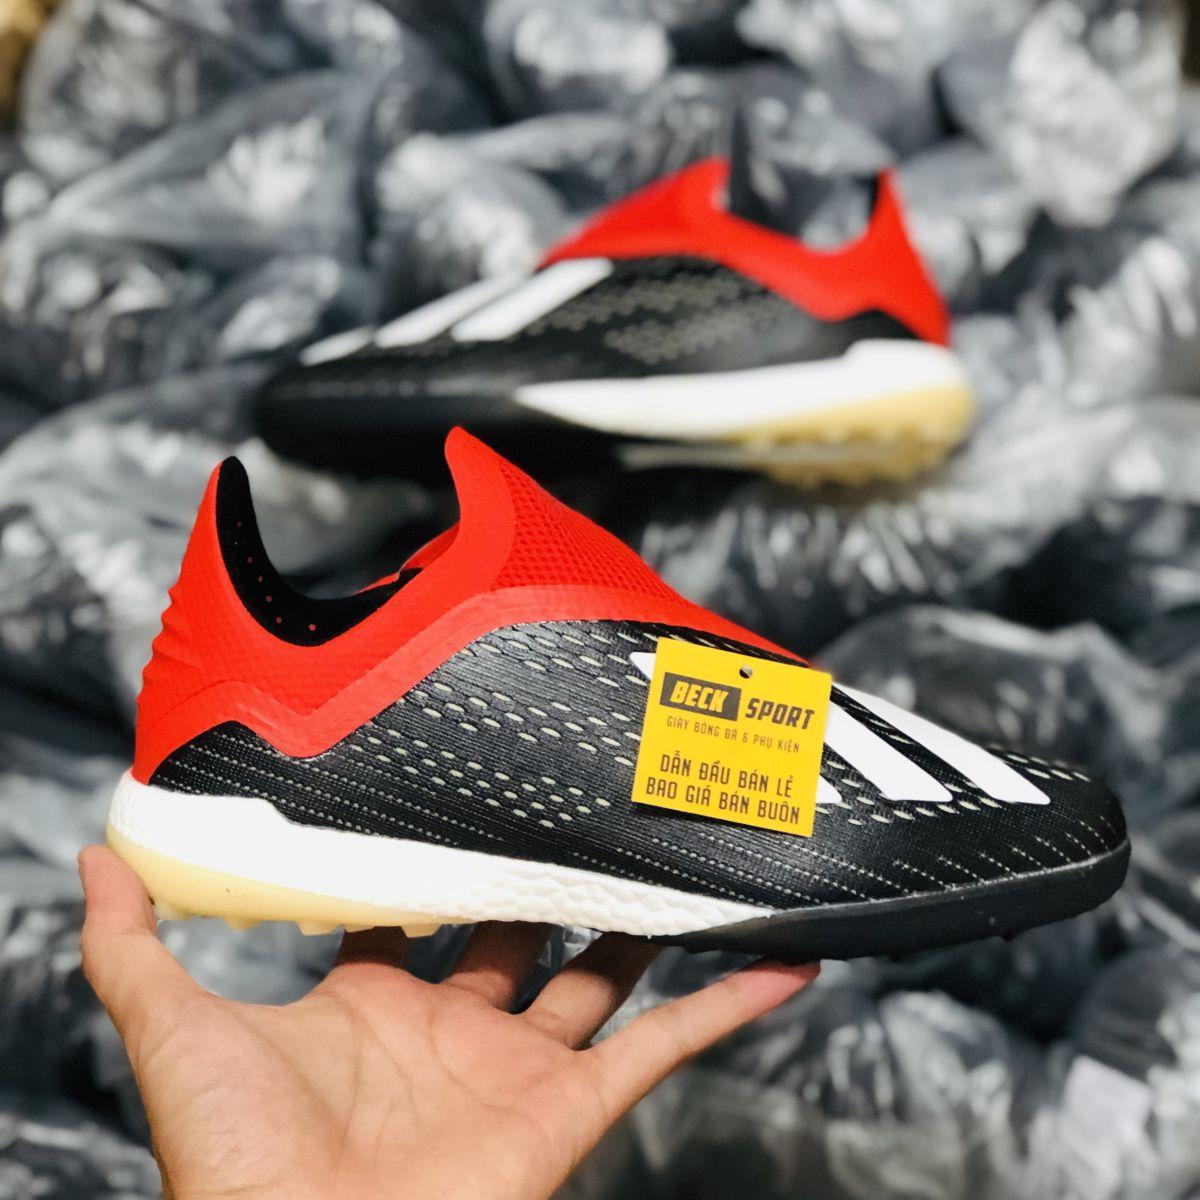 Giày Bóng Đá Adidas X 18+ Đen Đỏ Vạch Trắng Không Dây TF